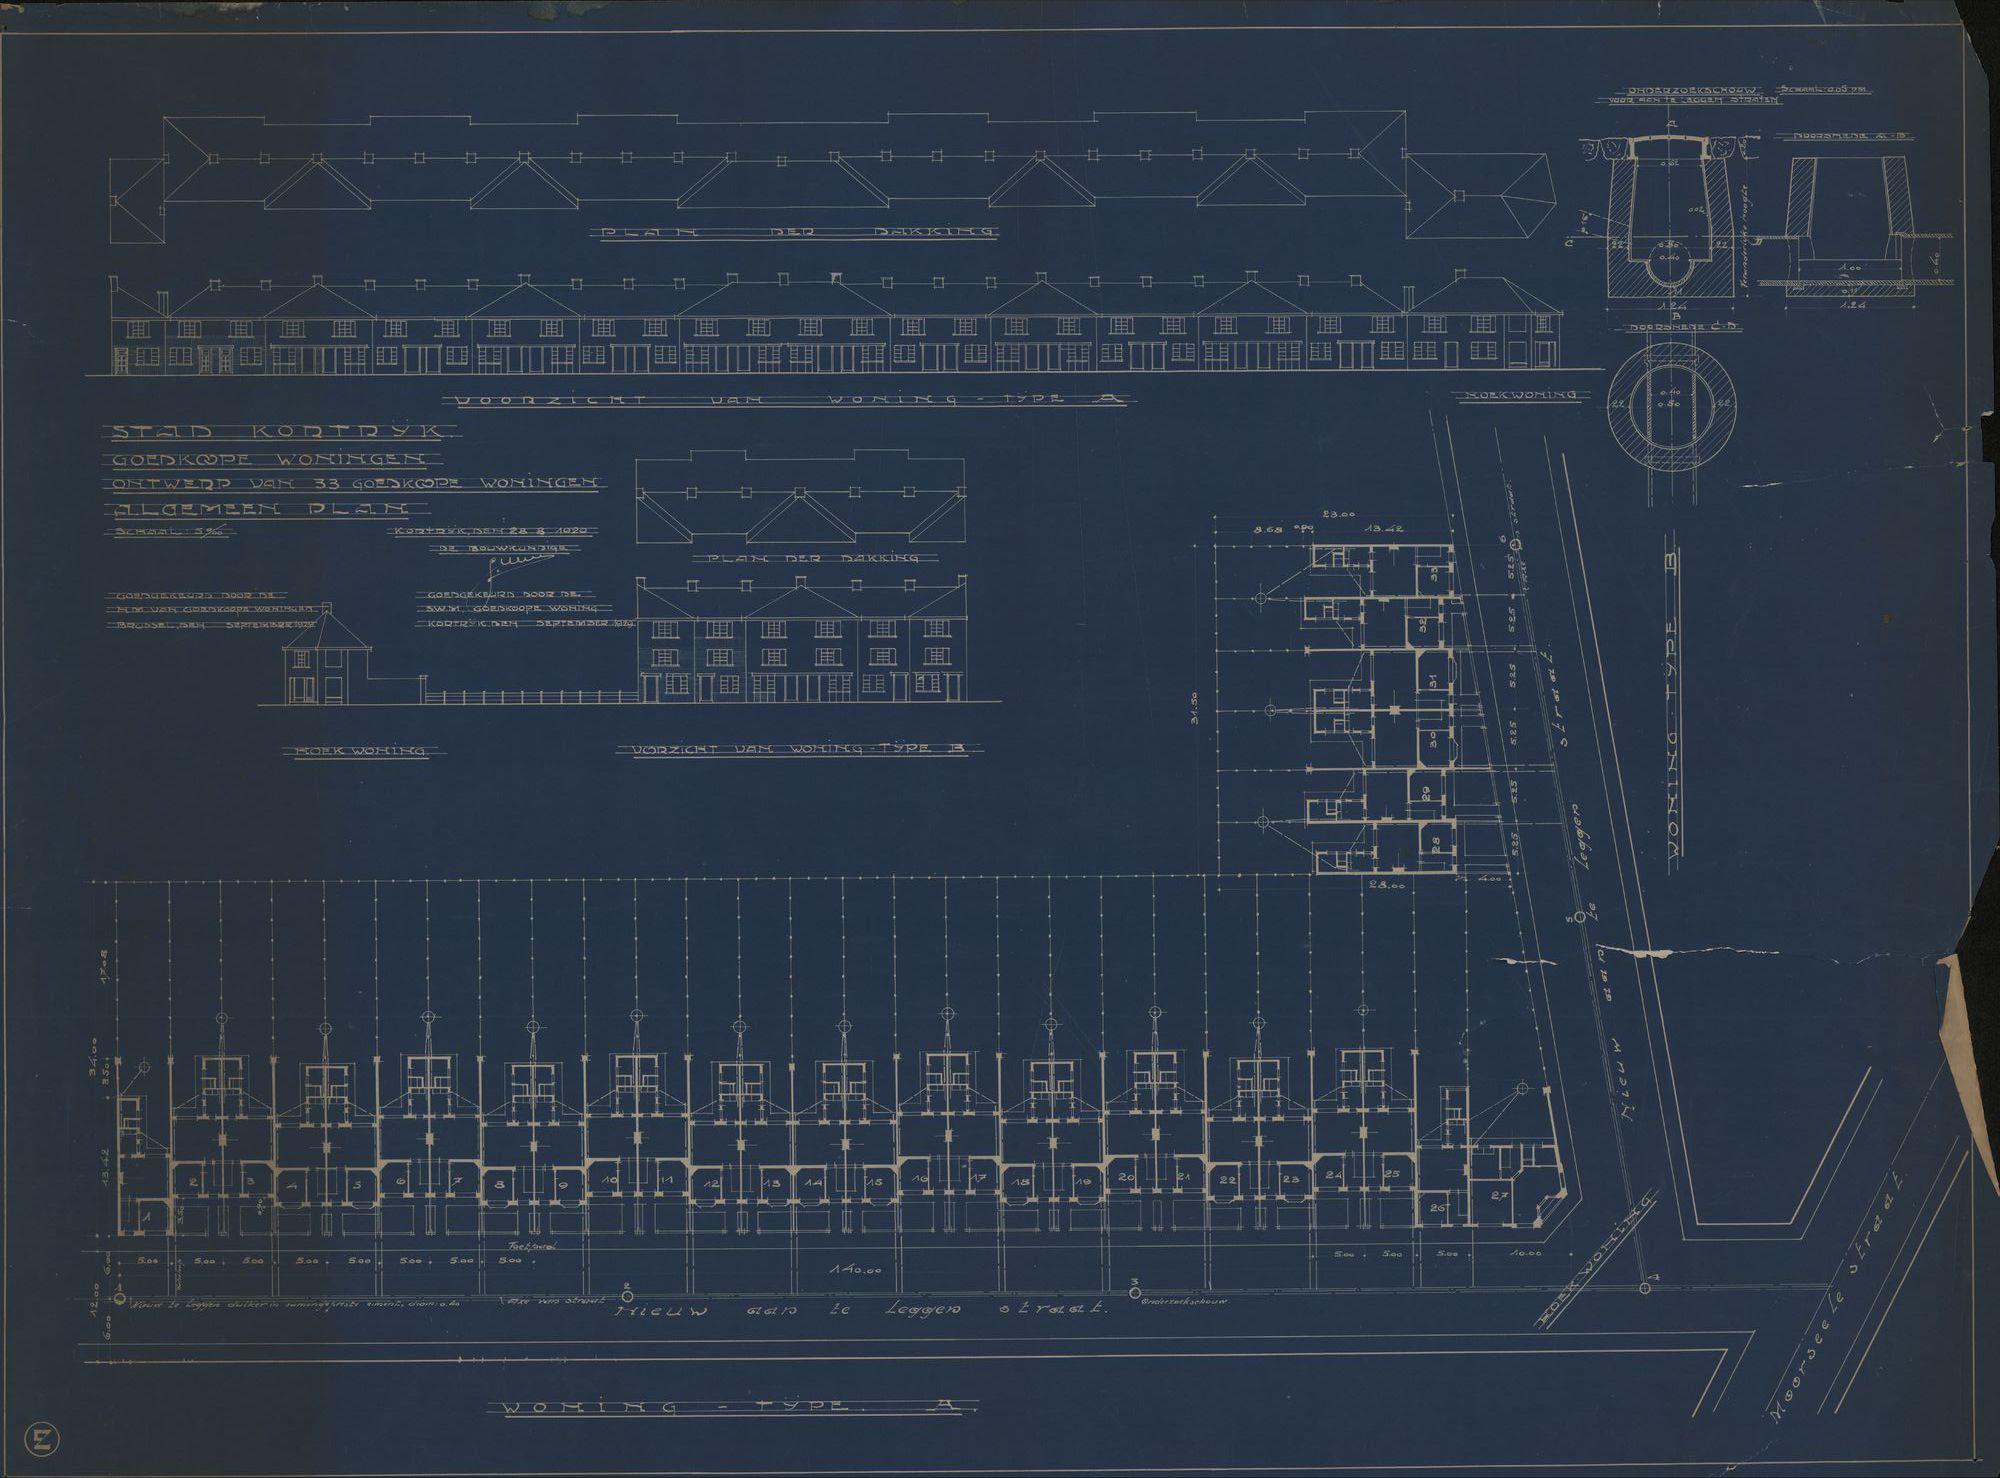 Bouwplannen voor het bouwen van goedkope woningen door de maatschappij van goedkope woningen te Kortrijk, 1929